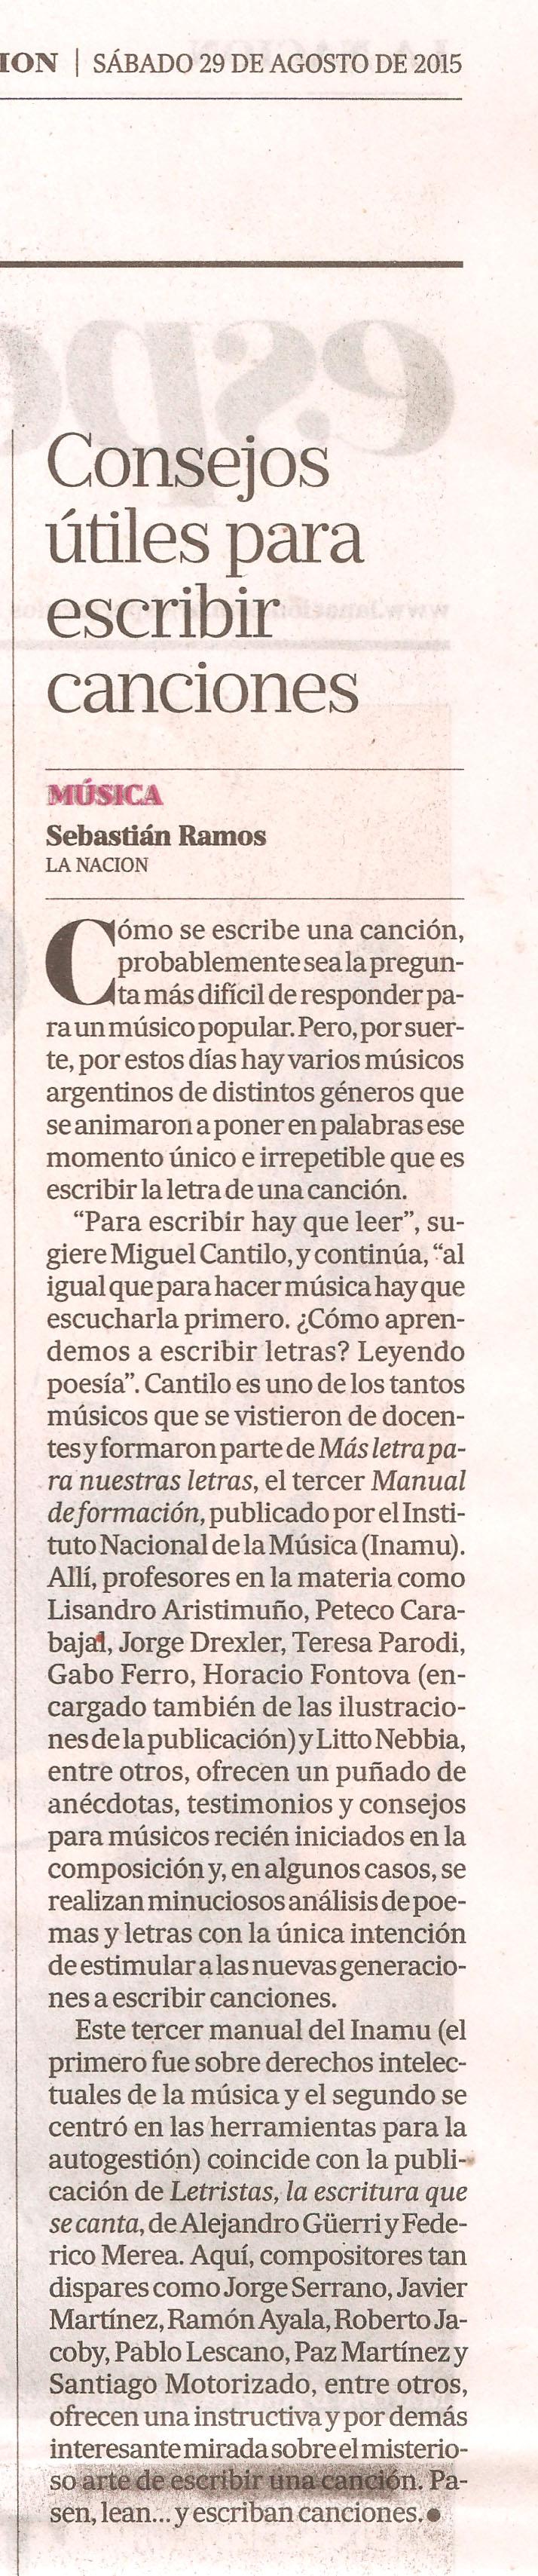 Letristras en el suplemente Espectáculos de La Nación sábado 29 de agosto